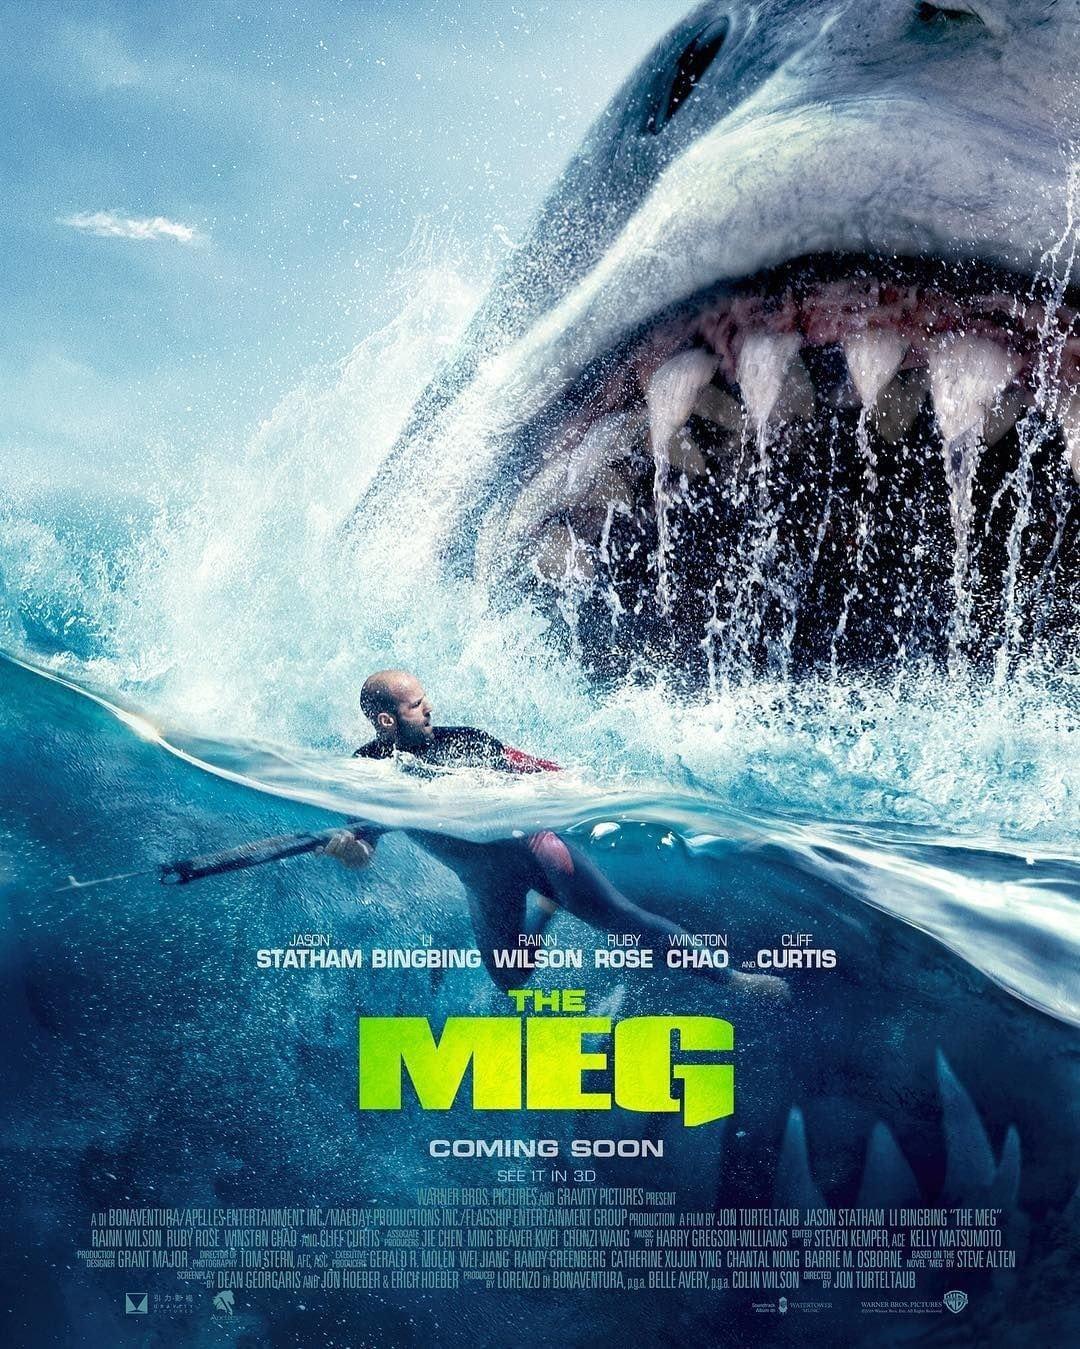 The Meg (2018) 720p HC HDRip x264 750MB MKV - Doridro com